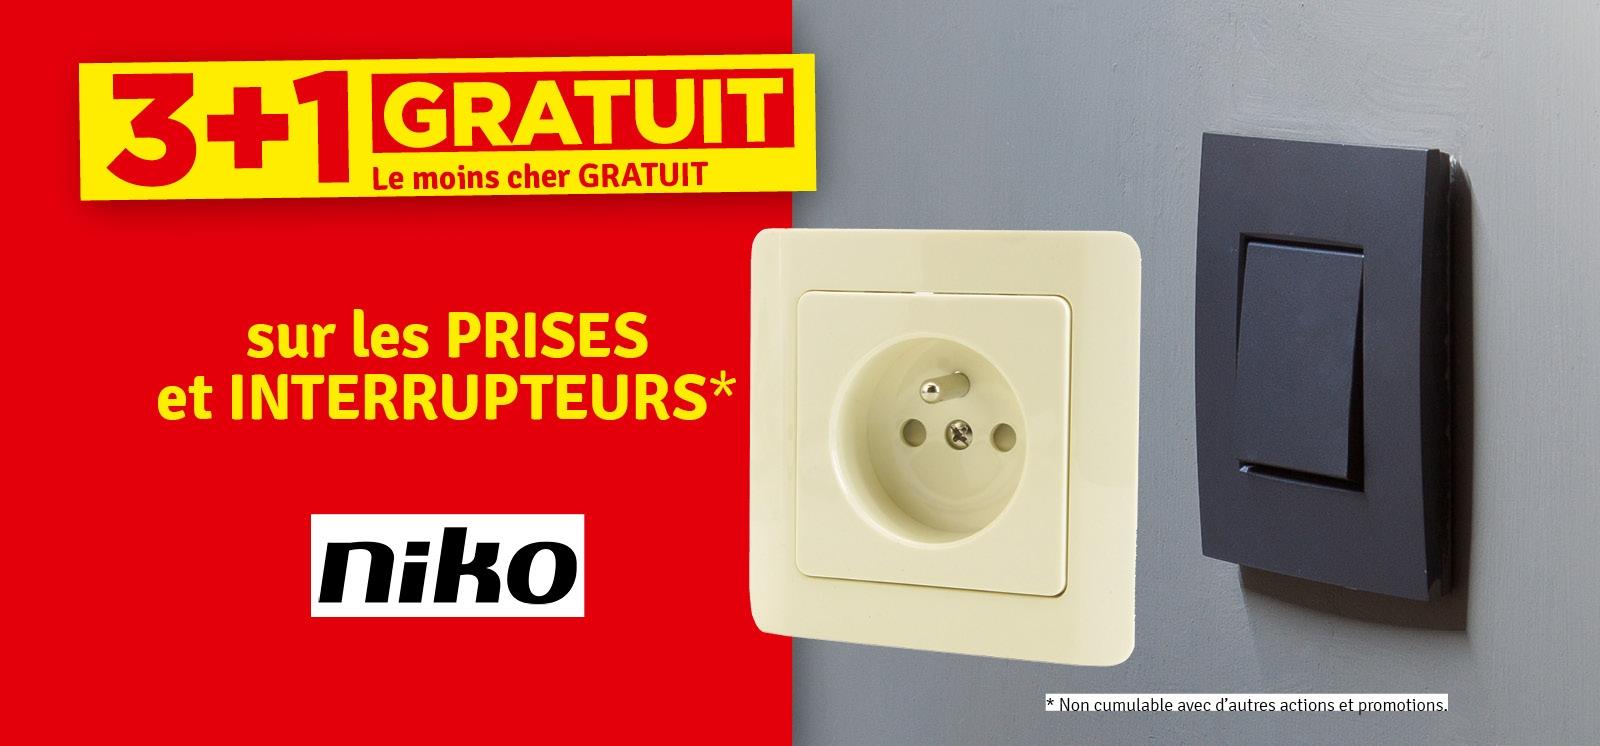 Promo - 3 + 1 gratuit Prises et interrupteurs NIKO